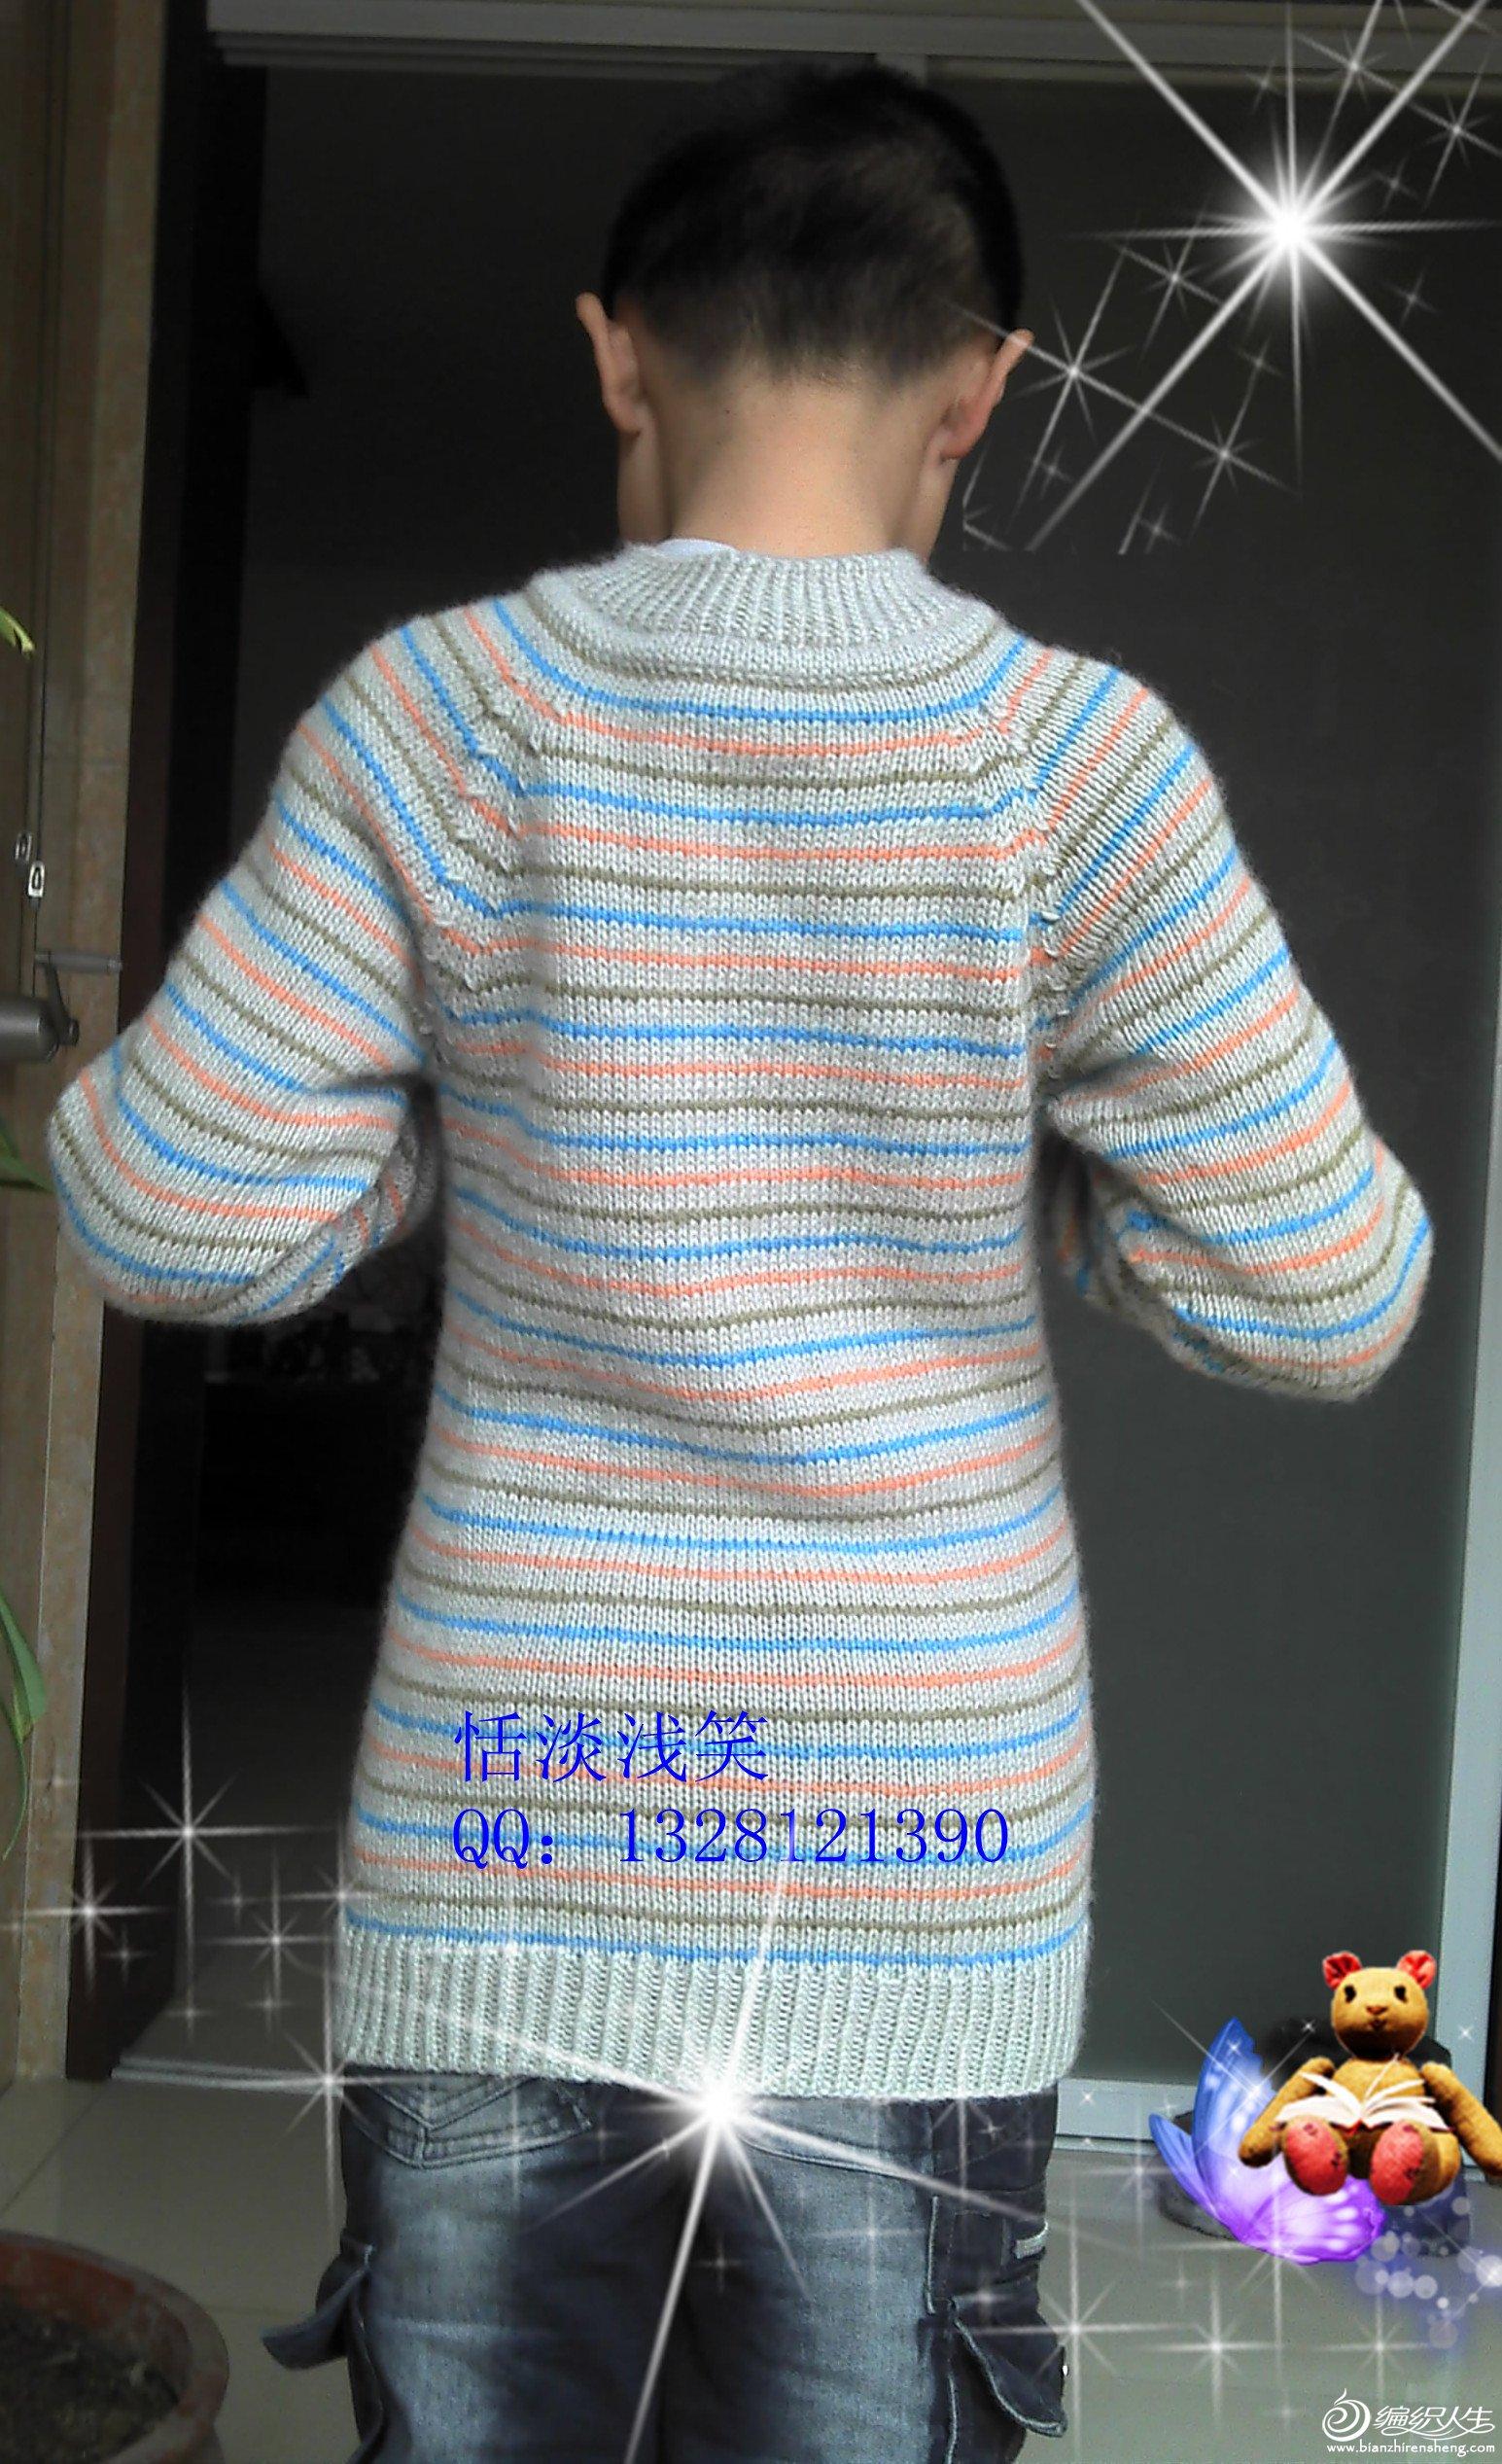 apic_20120327_124358_132_副本.jpg